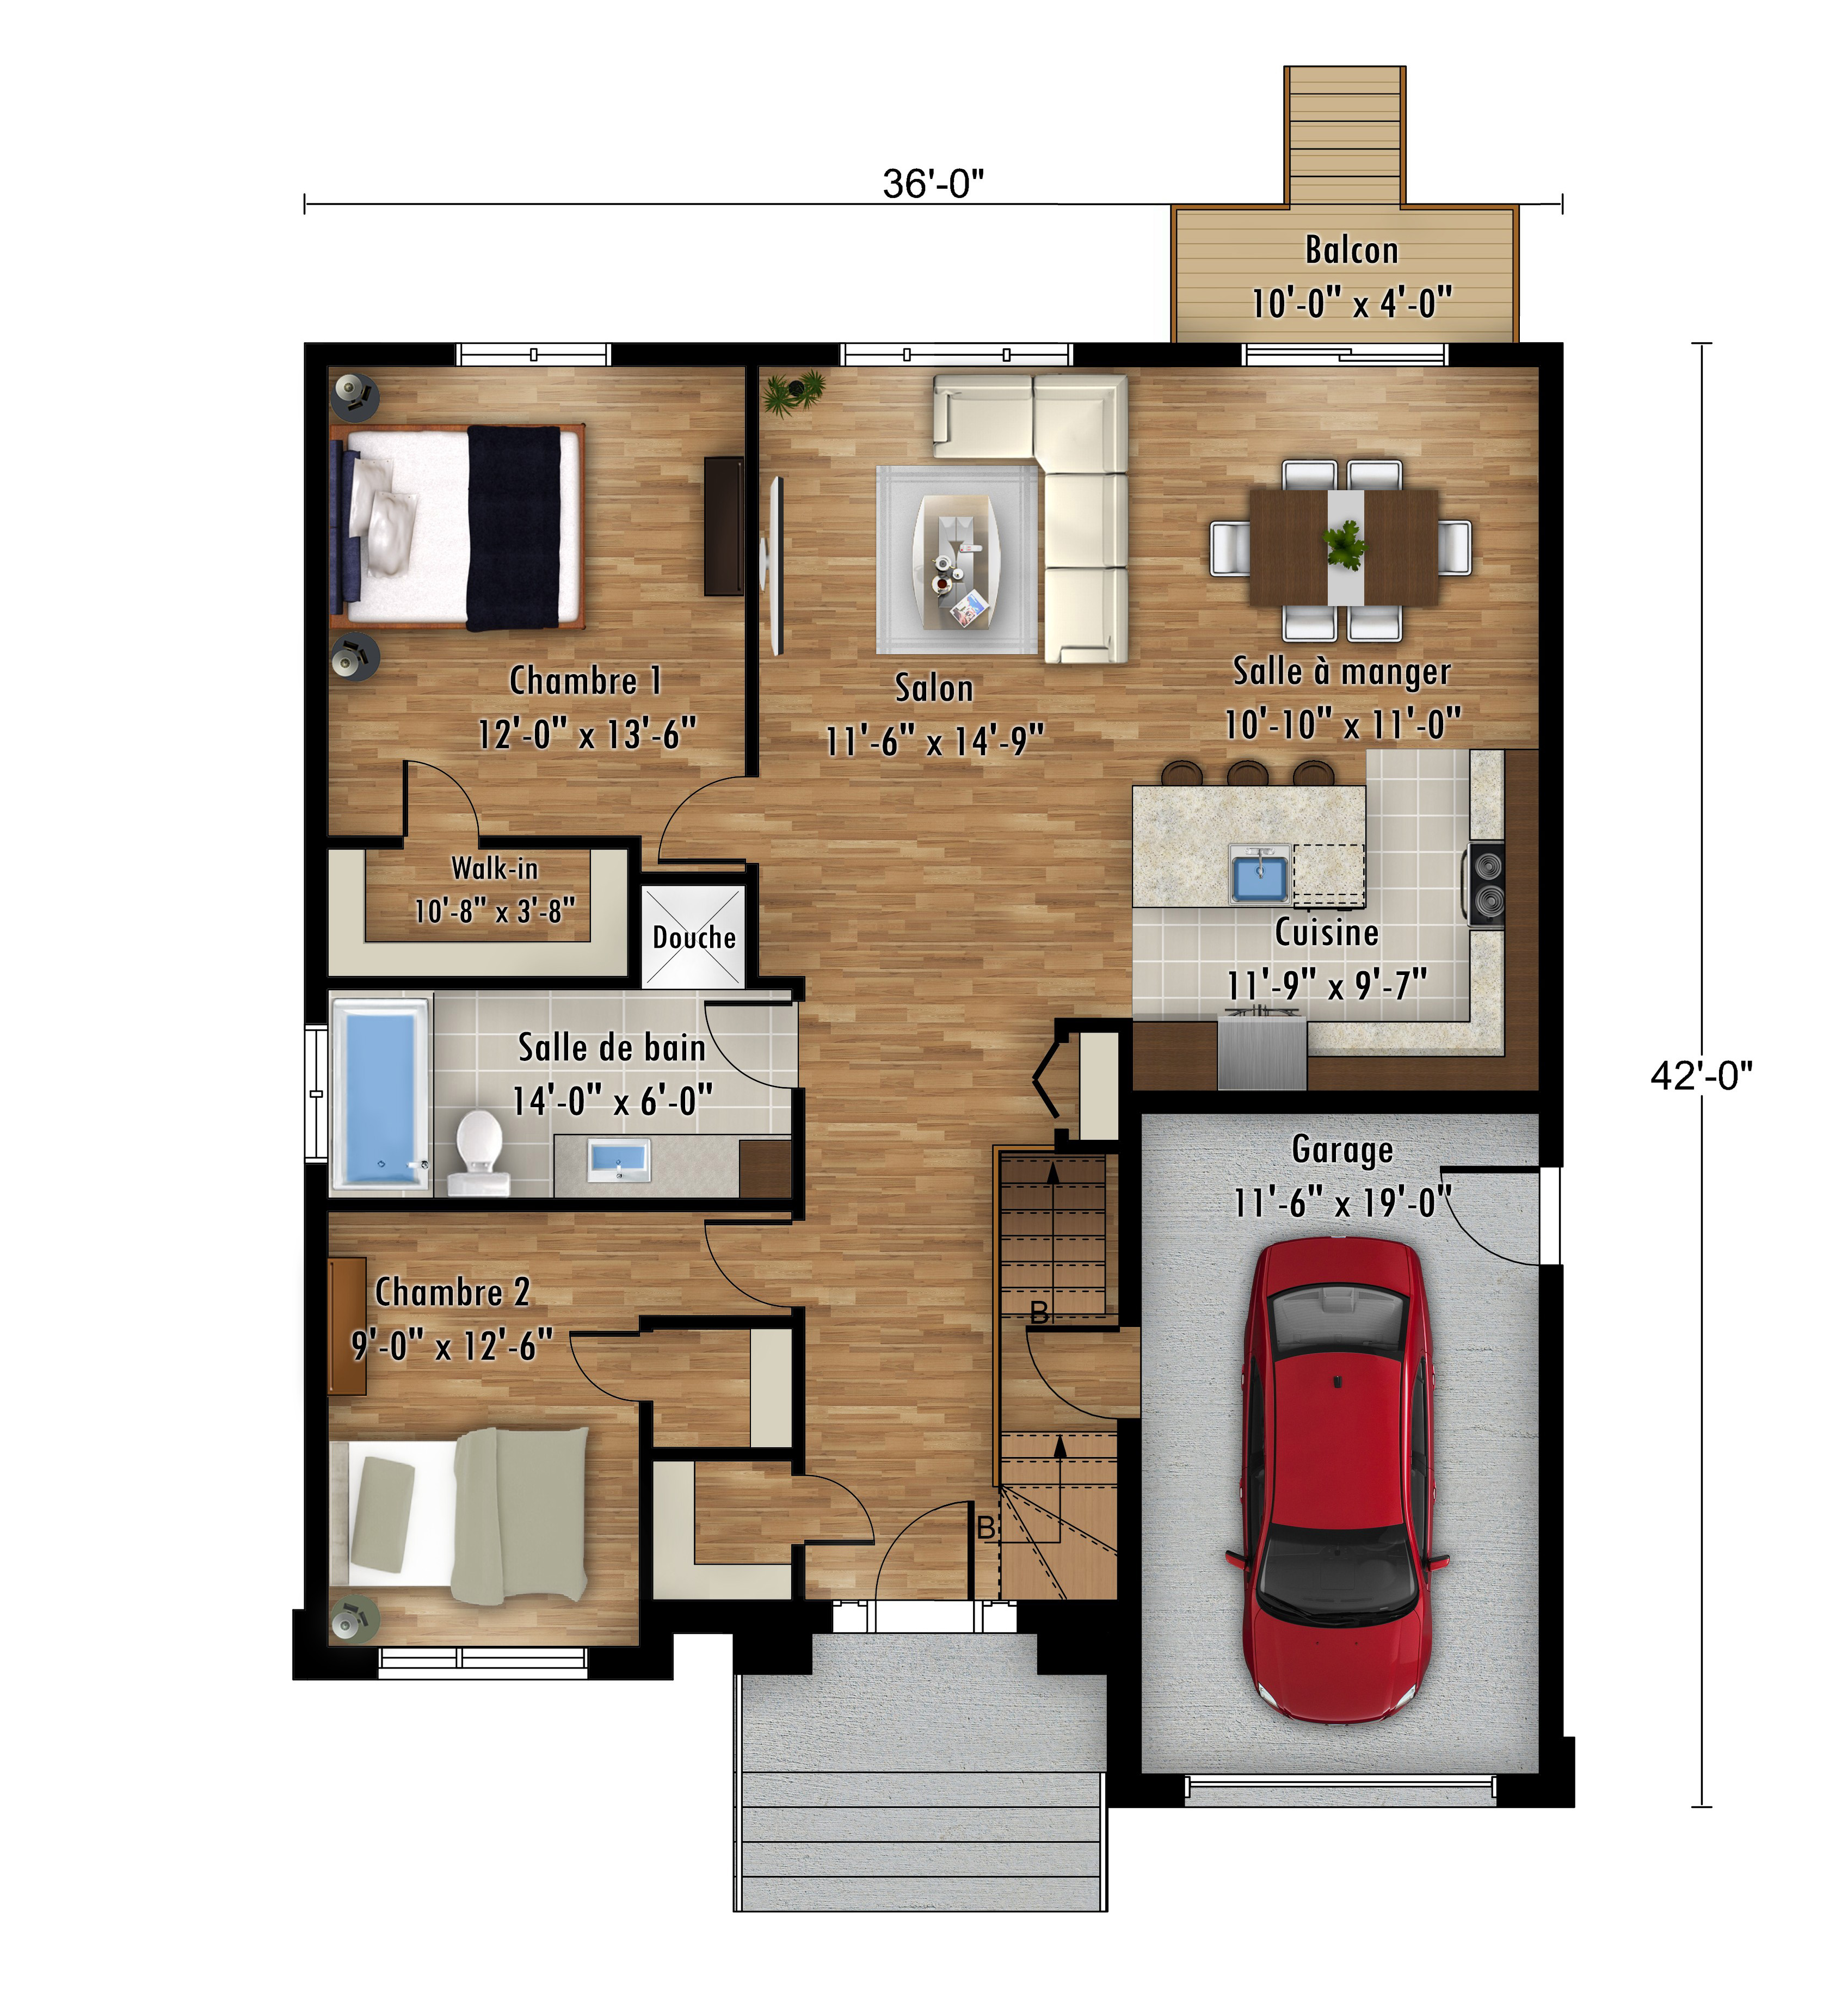 Rheault - Maisons neuves a vendre en Montérégie